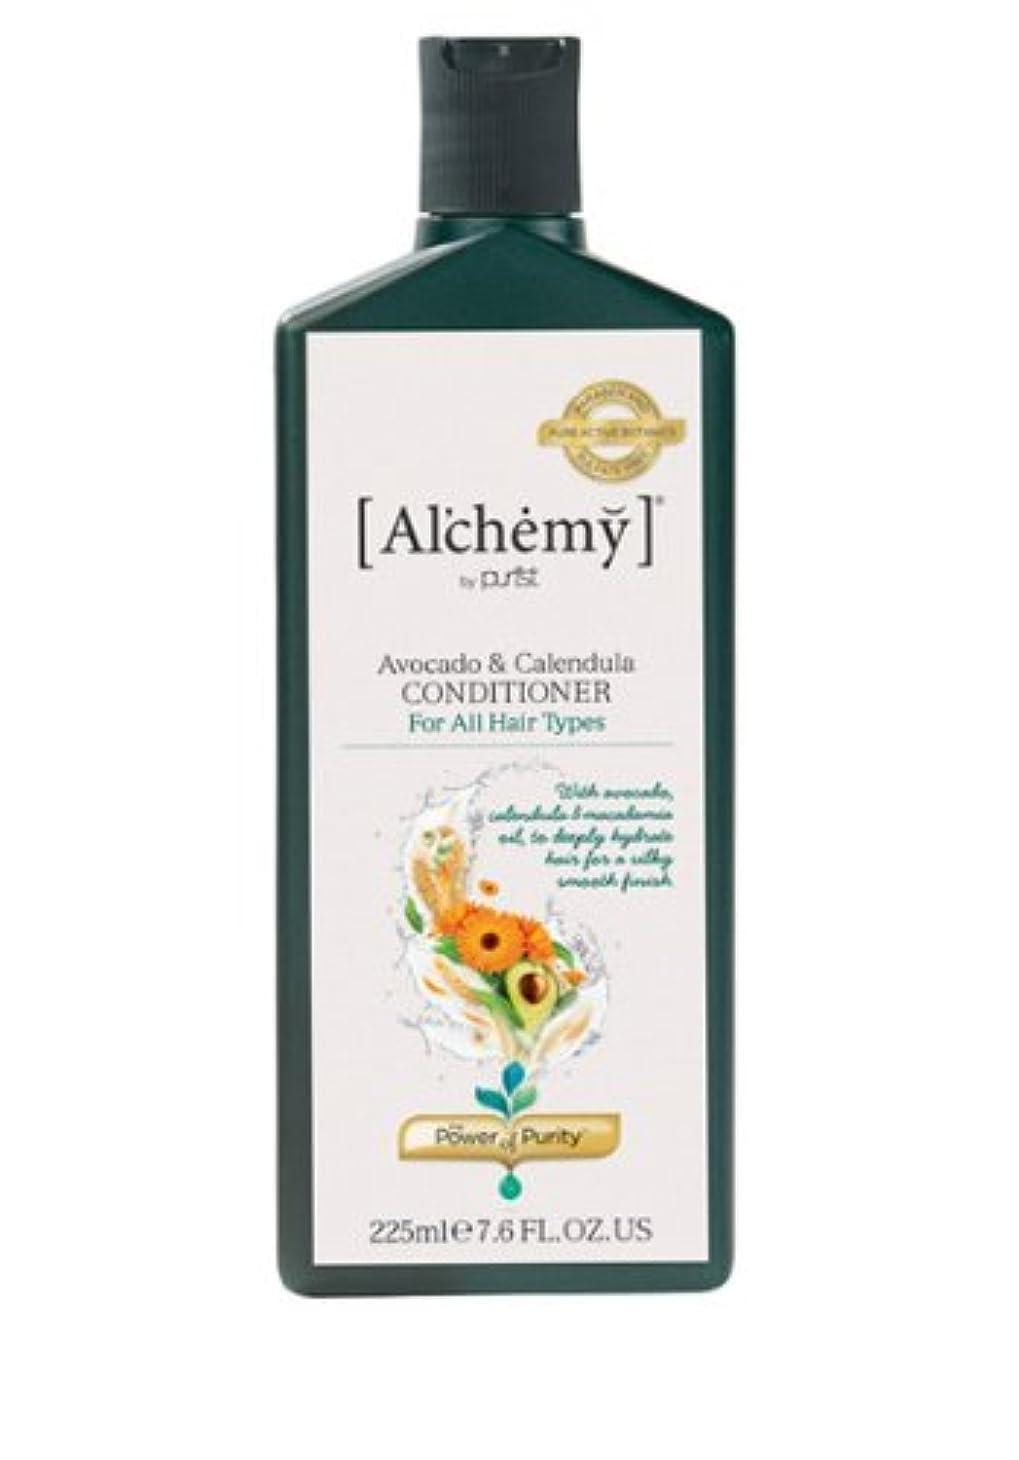 その結果仕様広げる【Al'chemy(alchemy)】アルケミー アボカド&カレデュラ コンディショナー(Avocado&Calendula Conditioner)(ドライ&ロングヘア用)225ml